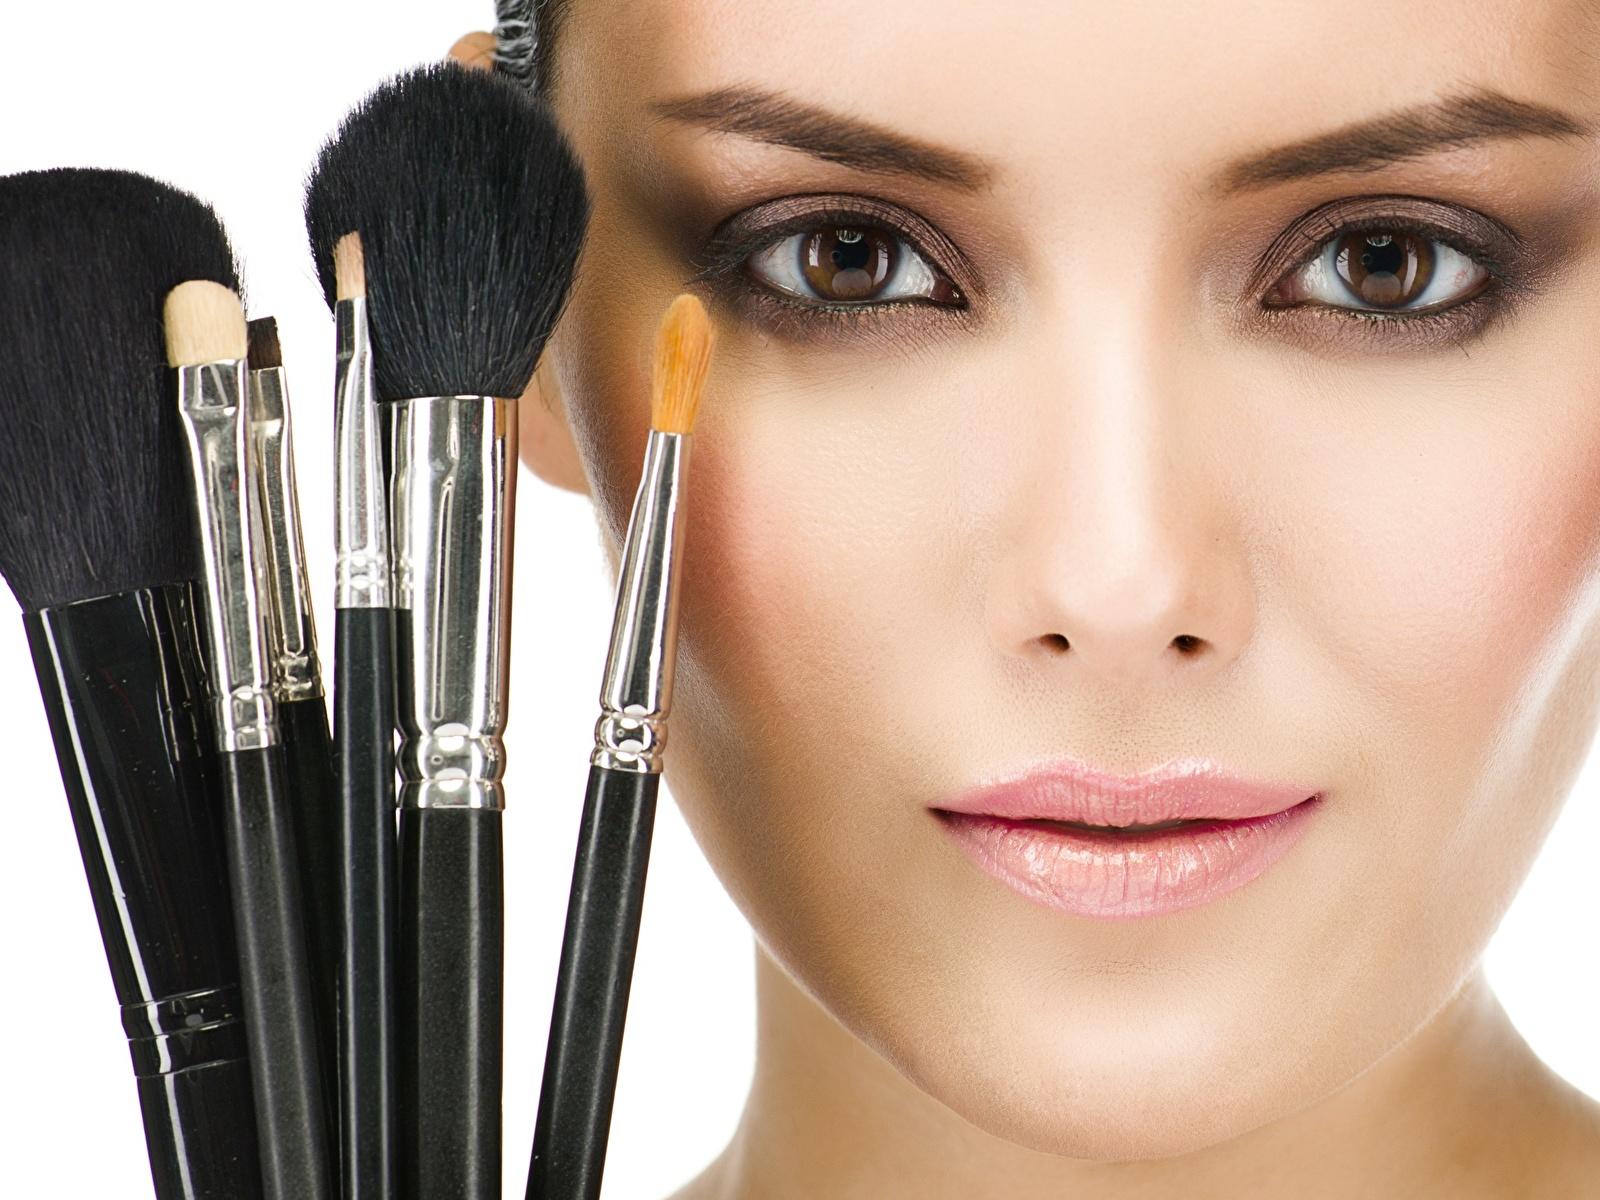 Fotos von Model Make Up Gesicht junge frau Pinsel Blick 1600x1200 Schminke Mädchens junge Frauen Starren